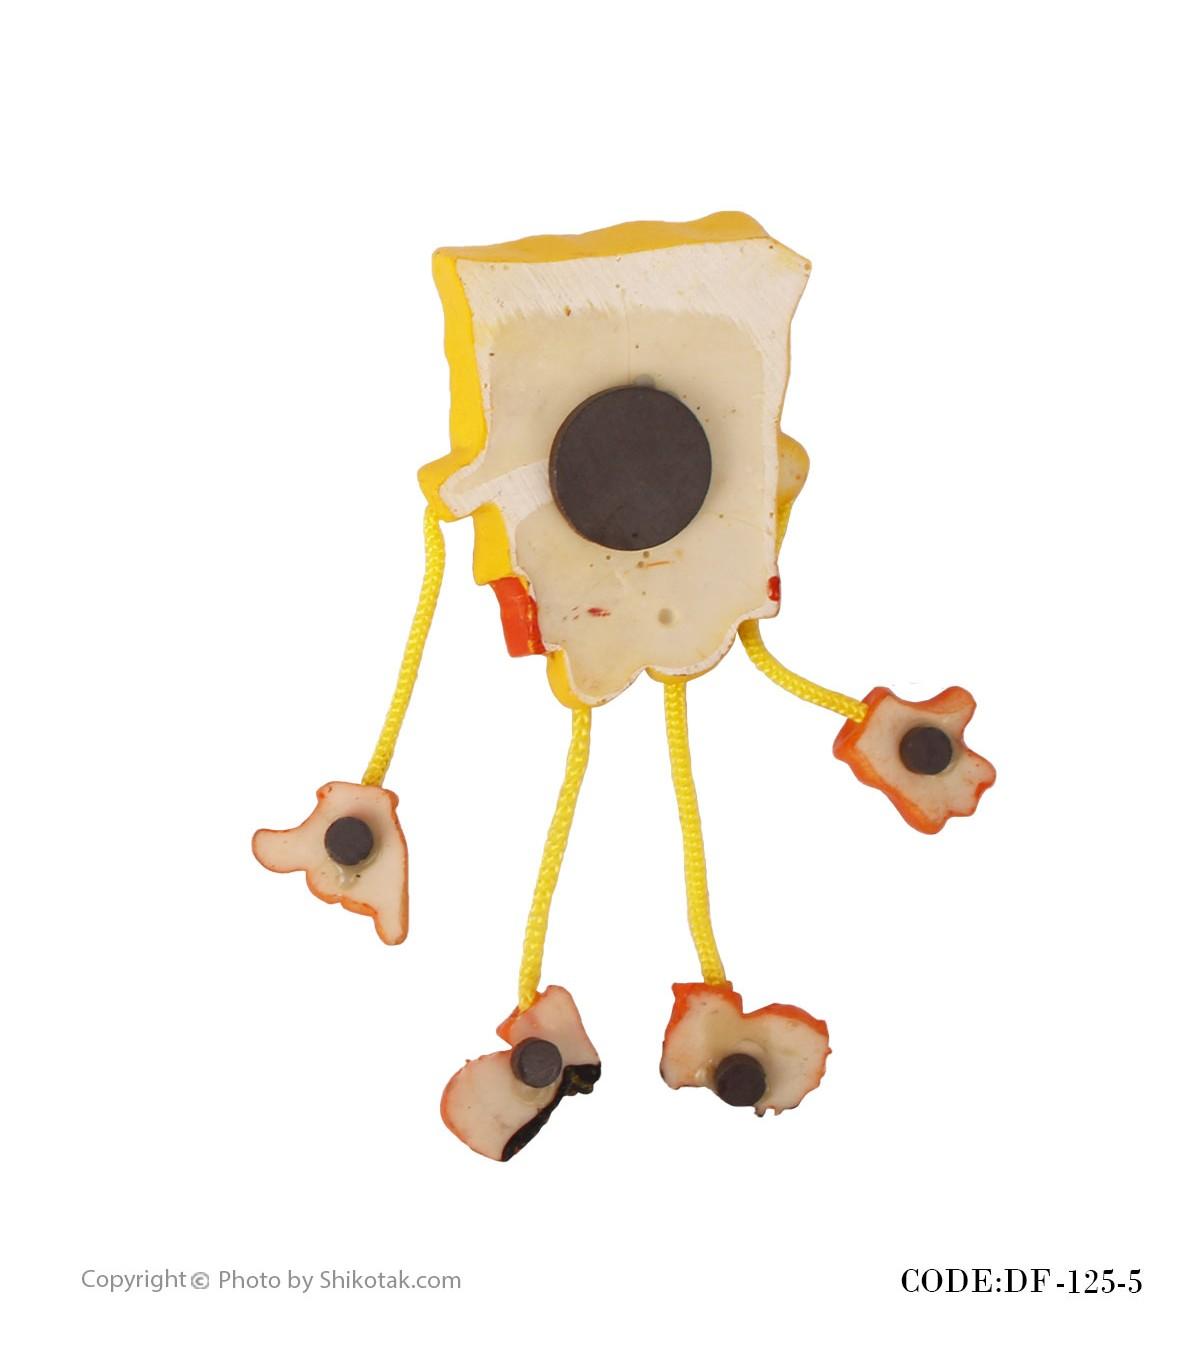 عکس مجسمه آهنربایی باب اسفنجی مدل شلوار طوسی